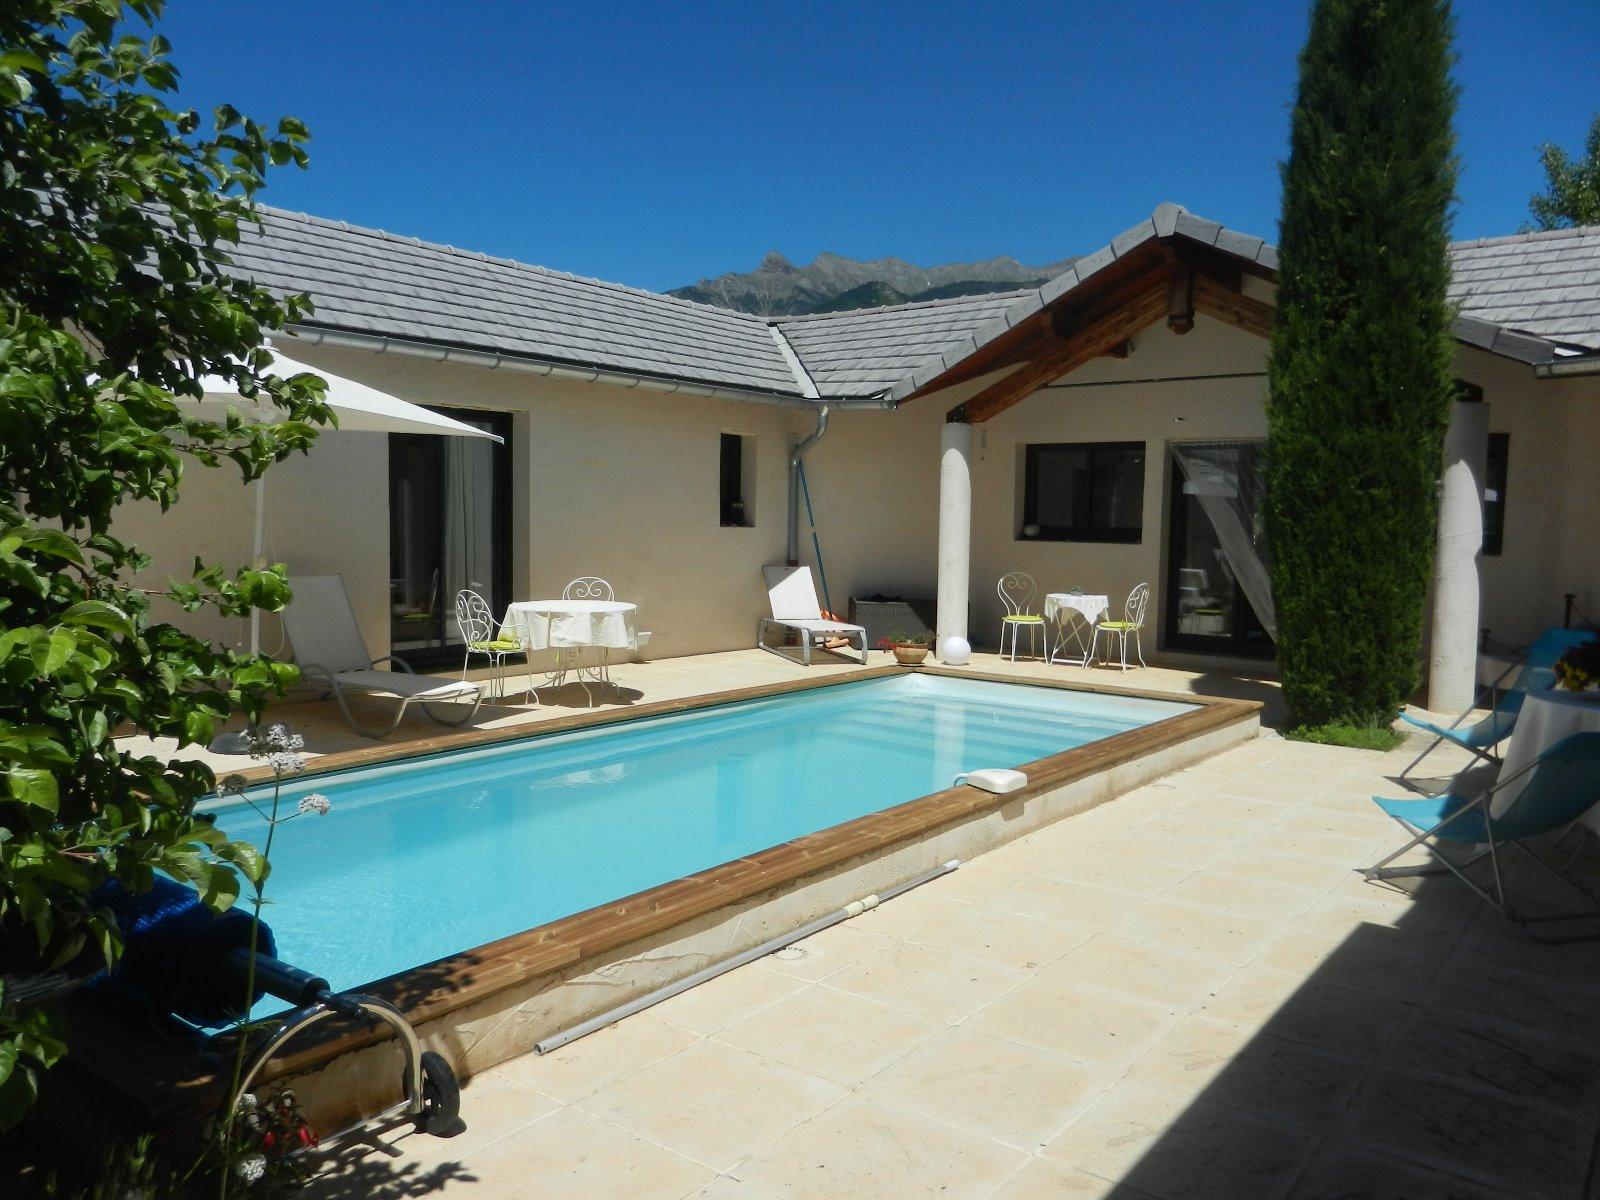 Maison neuve avec piscine awesome de nouvelle maison for Maison neuve avec terrain